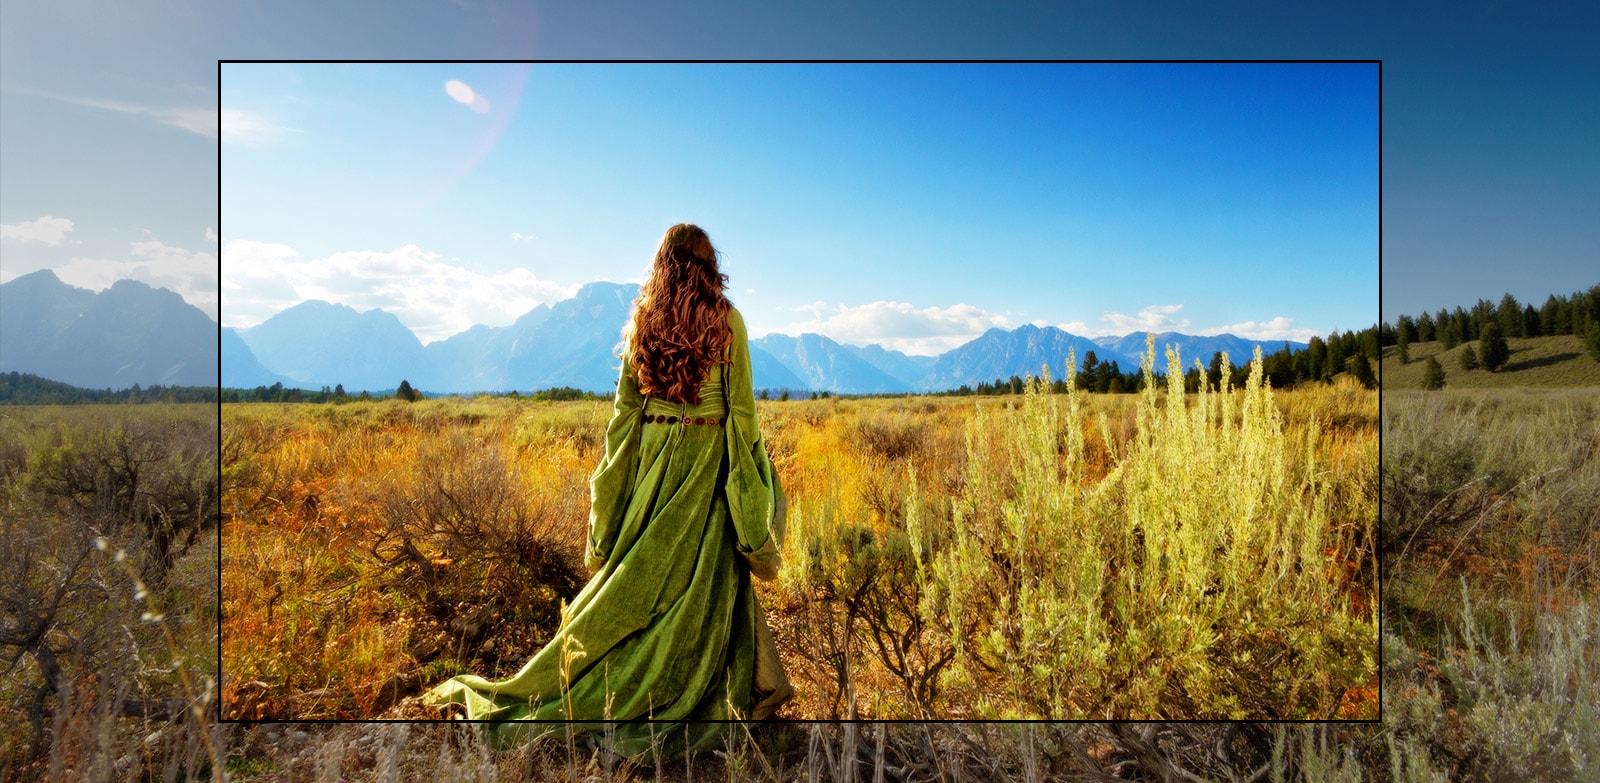 Uma tela de TV mostrando uma cena de filme de fantasia com uma mulher em pé nos campos e de frente para montanhas.